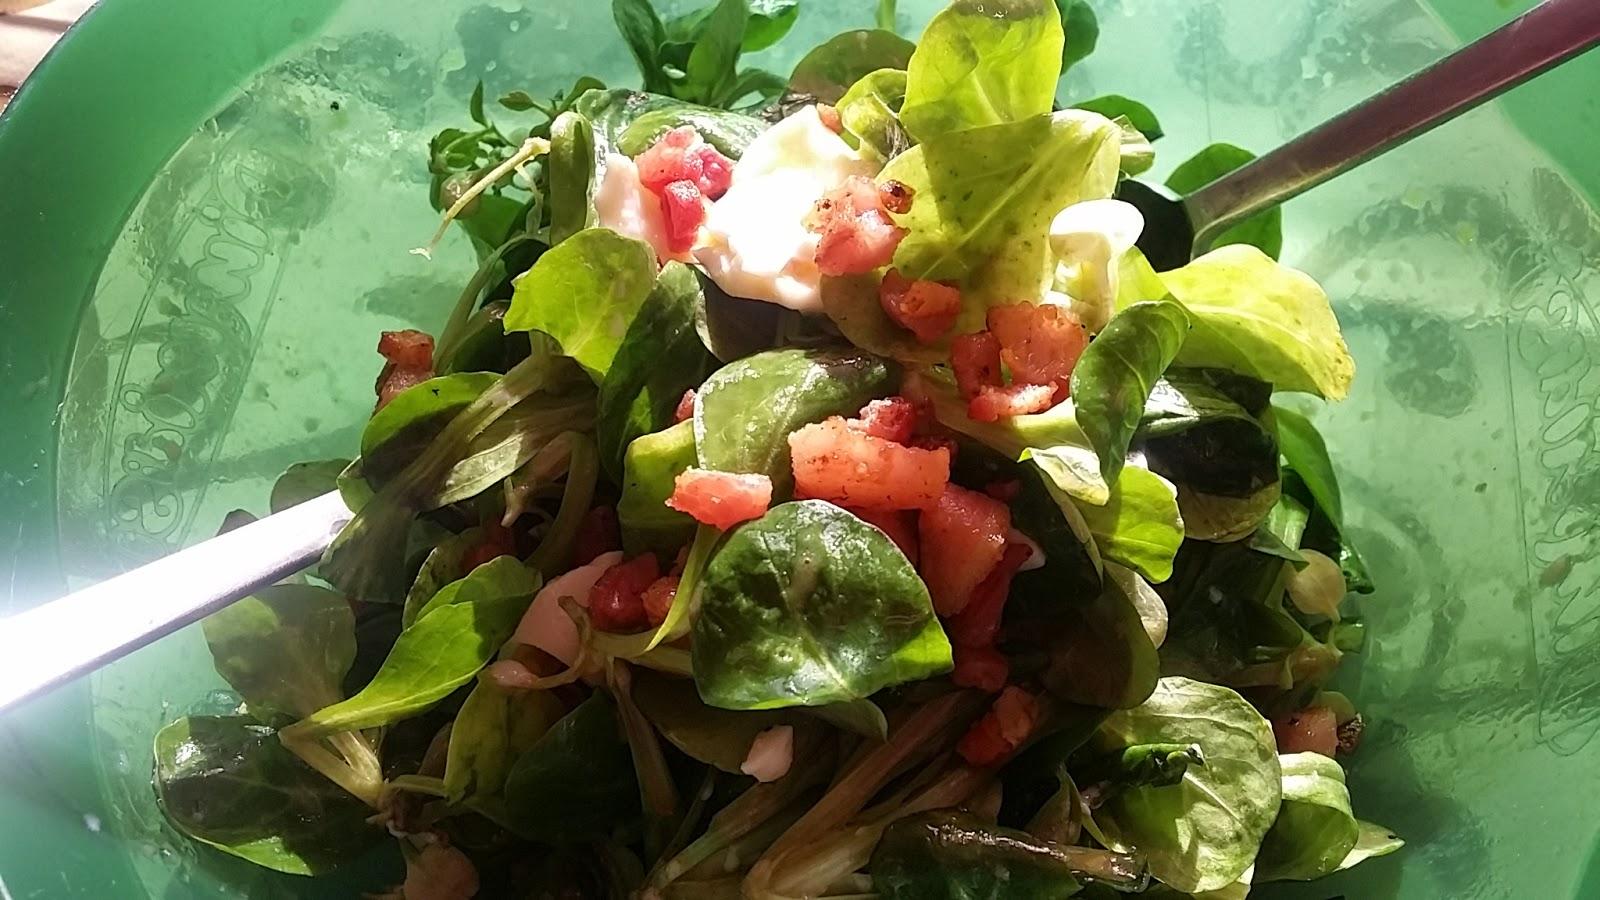 Le ricette di valentina insalata valeriana con uovo caldo for Songino valeriana